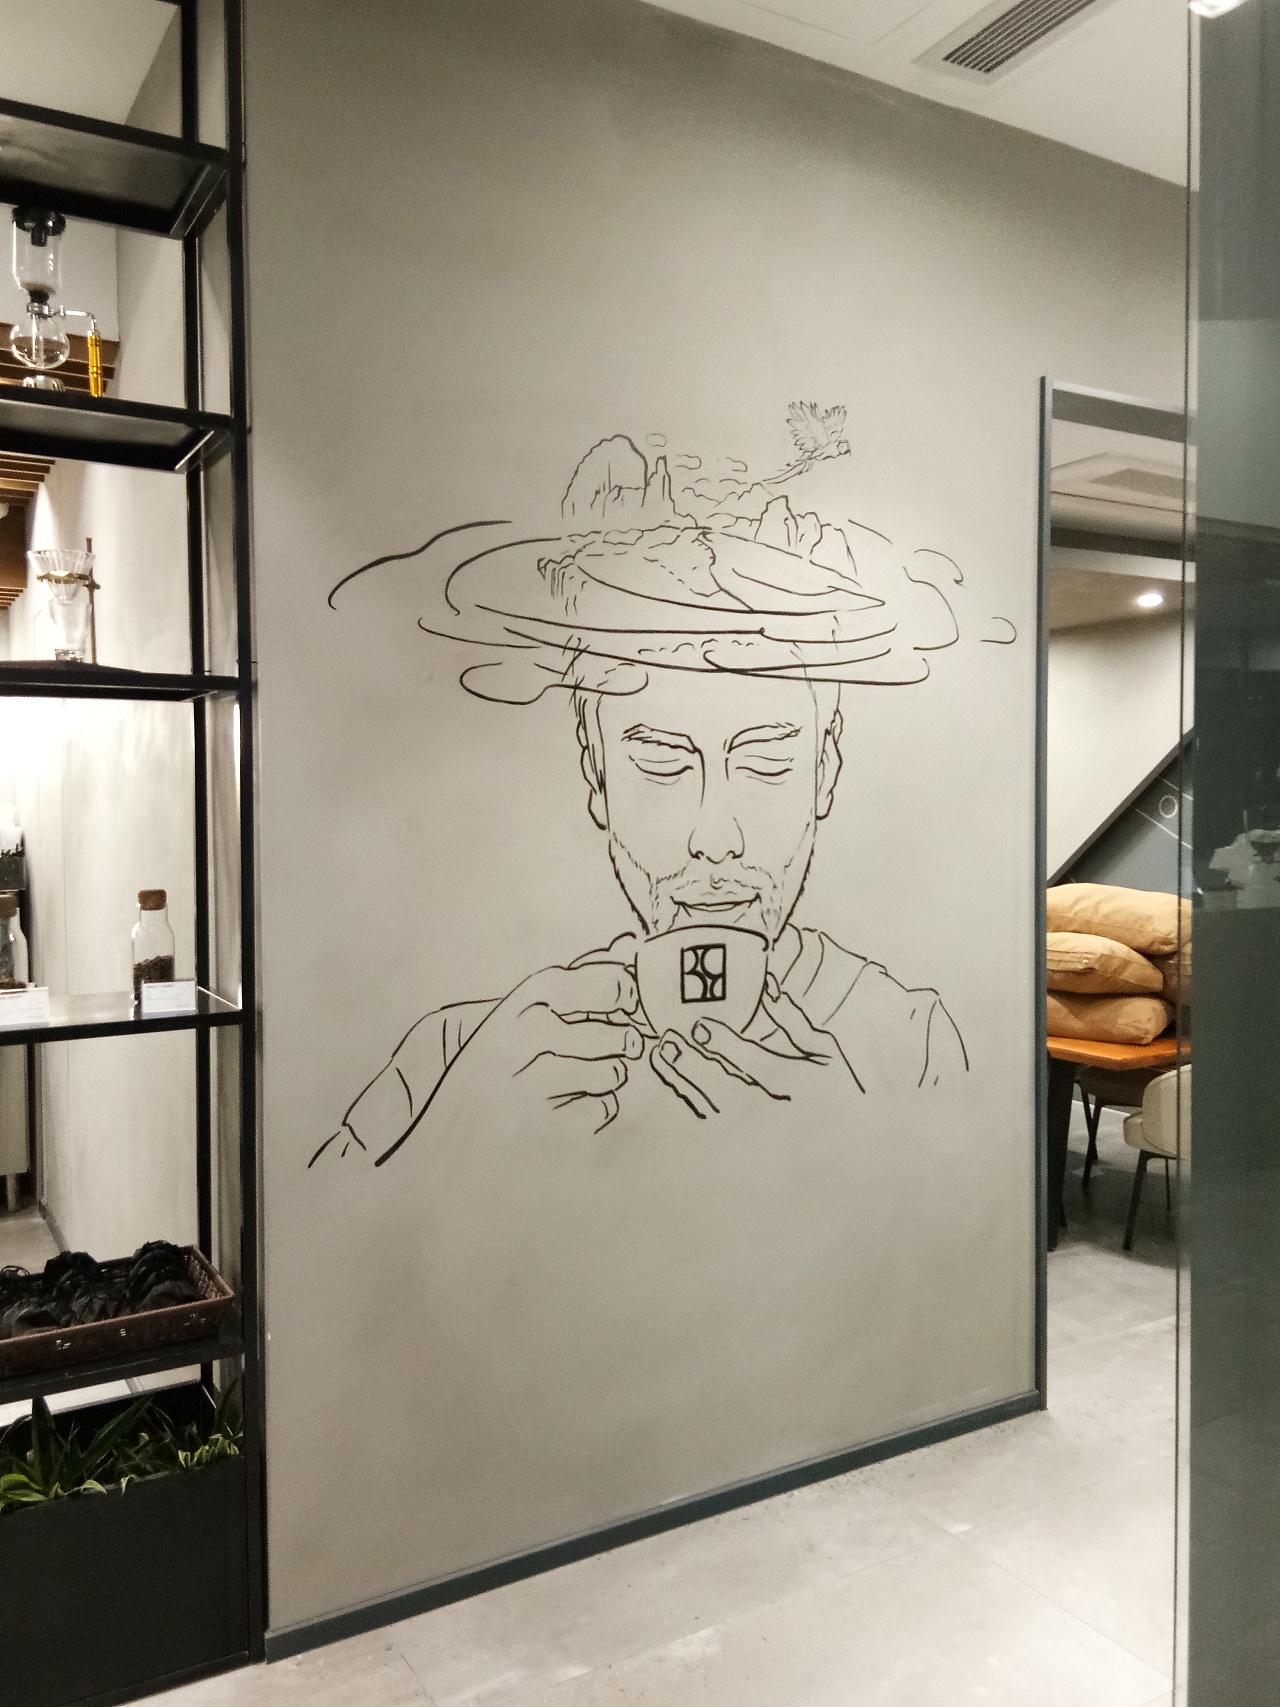 咖啡厅创意墙绘图片